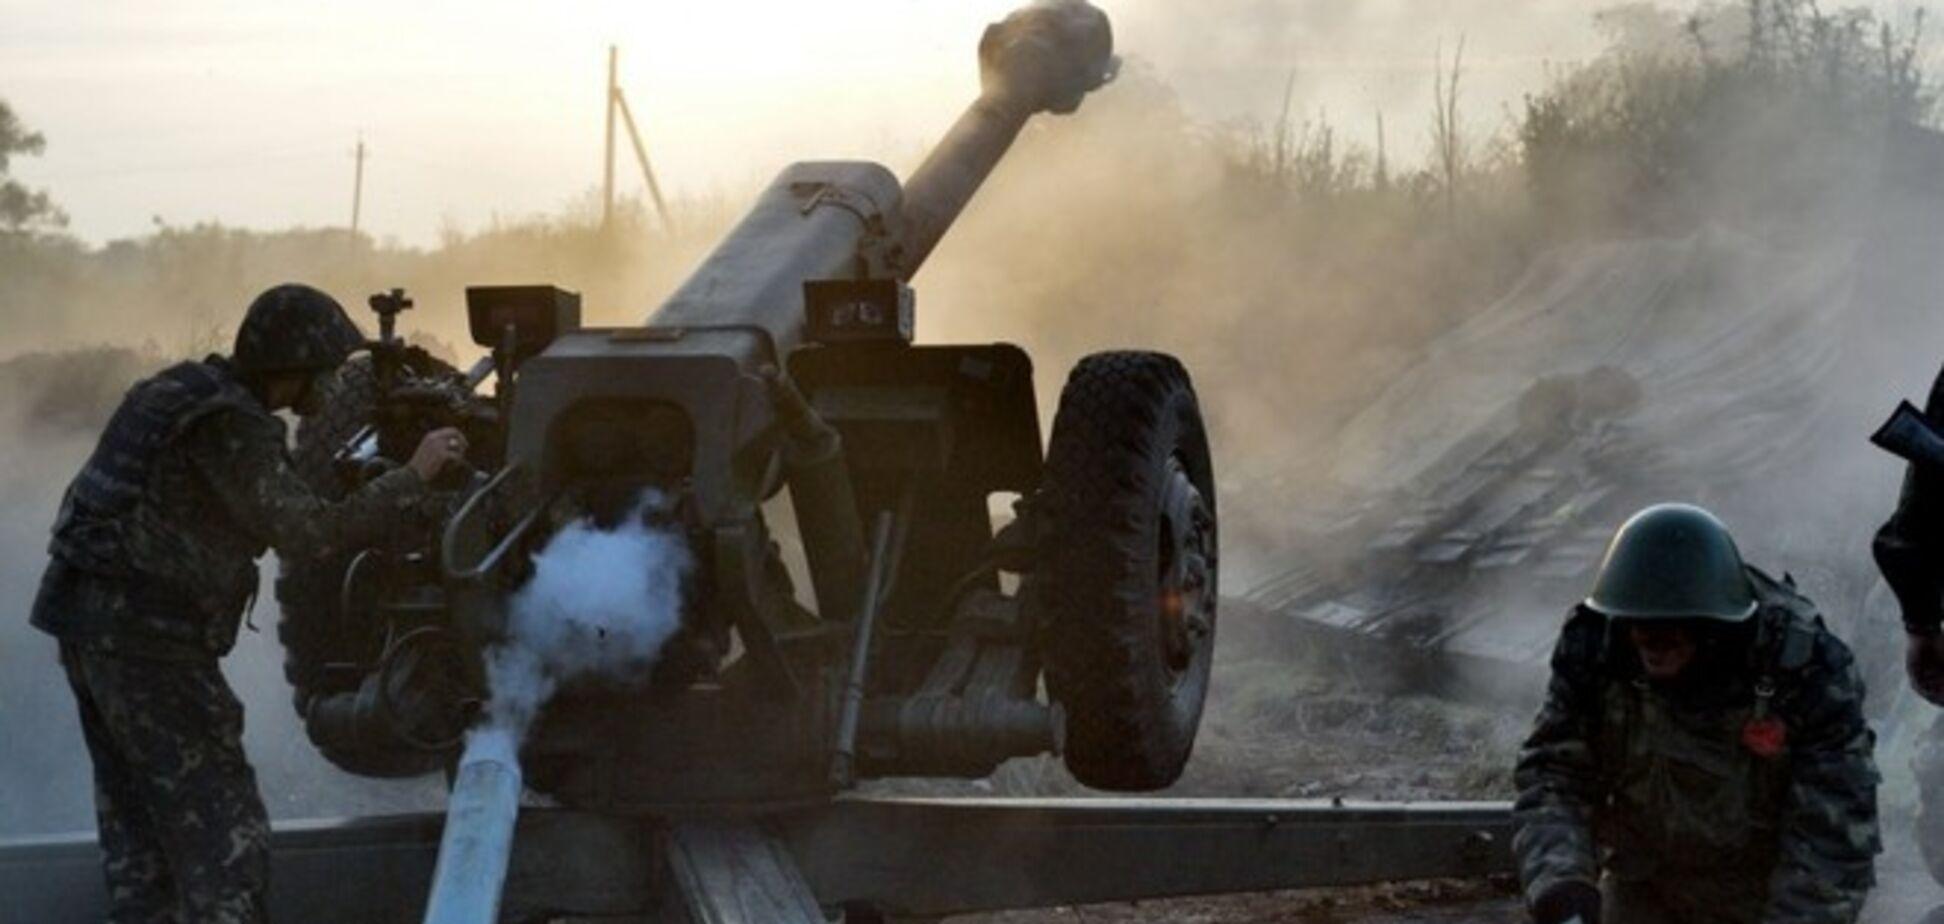 Террористы обстреляли украинских военных в Дебальцево: загорелся частный сектор